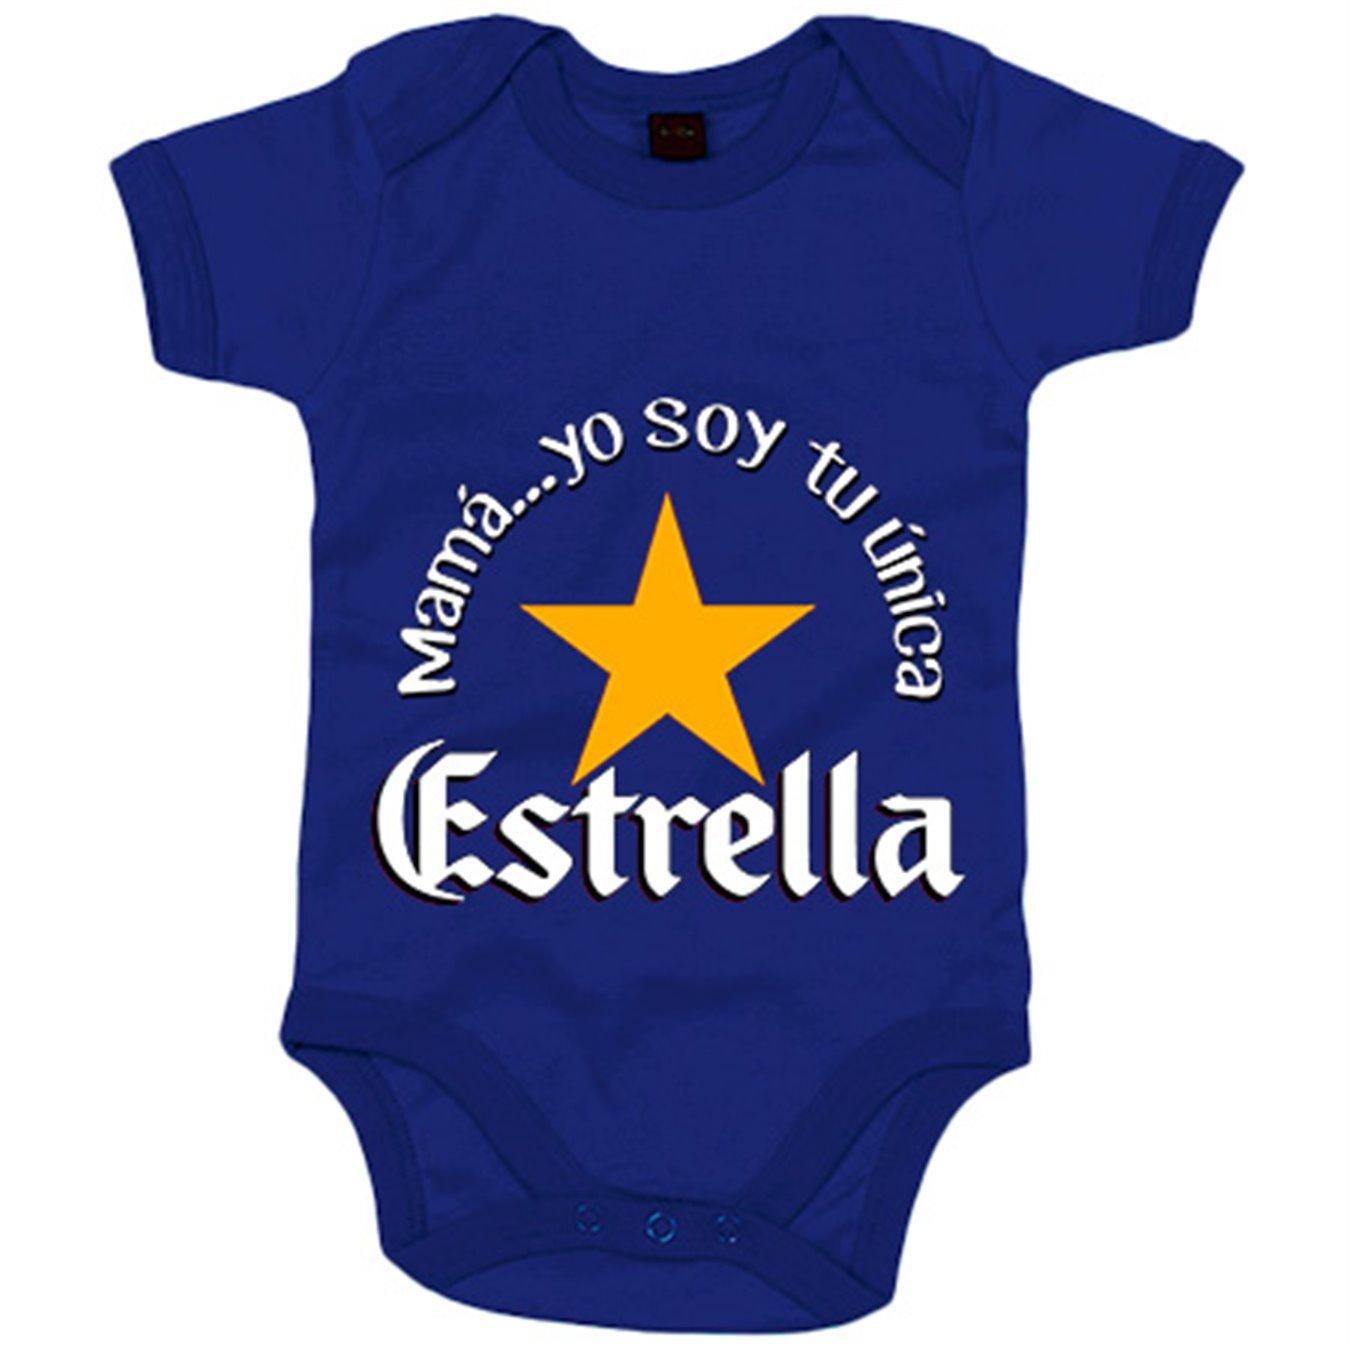 Azul Royal 6-12 meses Body beb/é mam/á yo soy tu /única Estrella